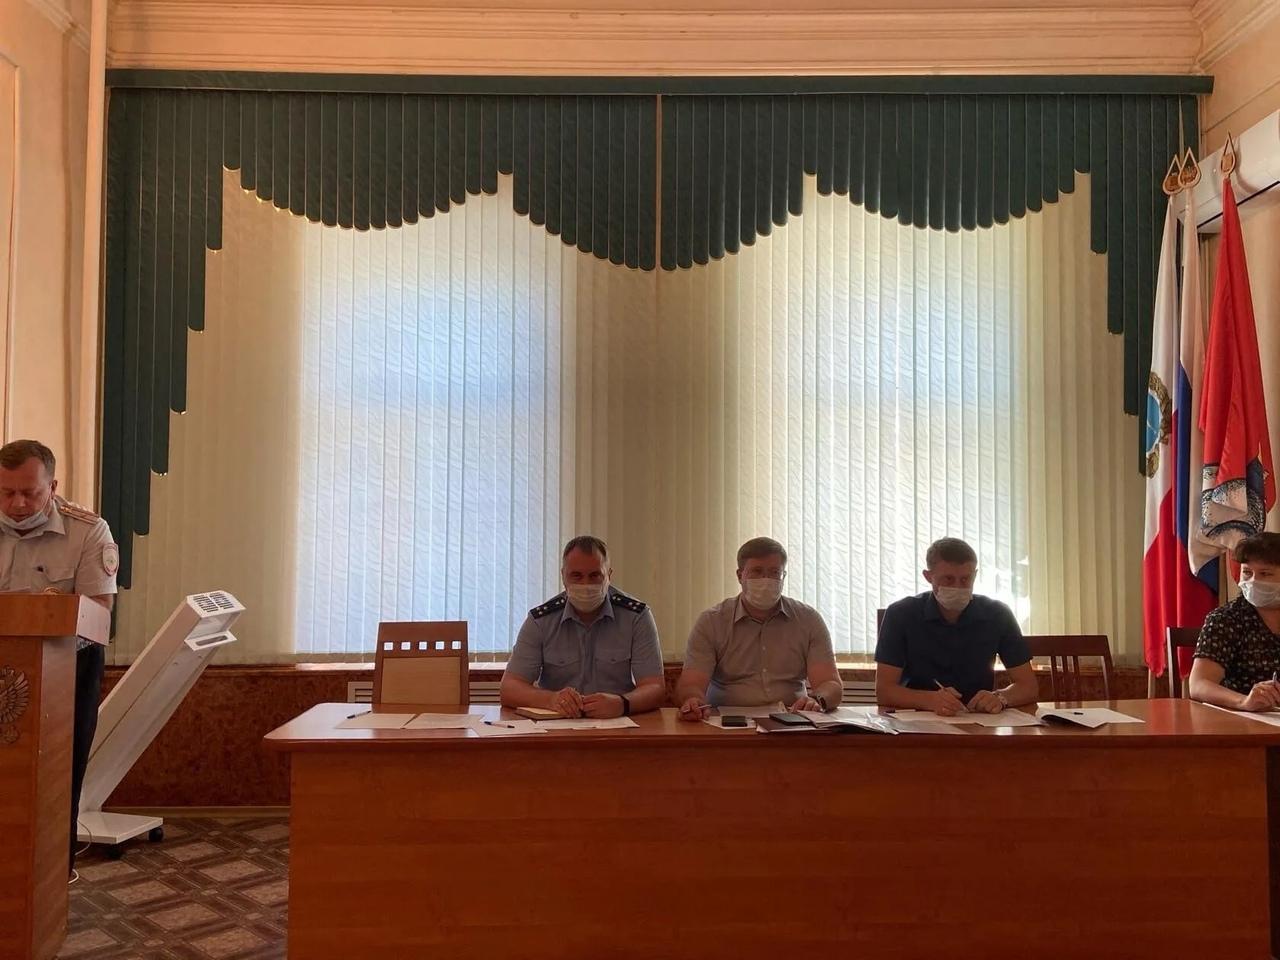 В администрации района при участии межрайонного прокурора Александра Казакова состоялись заседания двух межведомственных комиссий